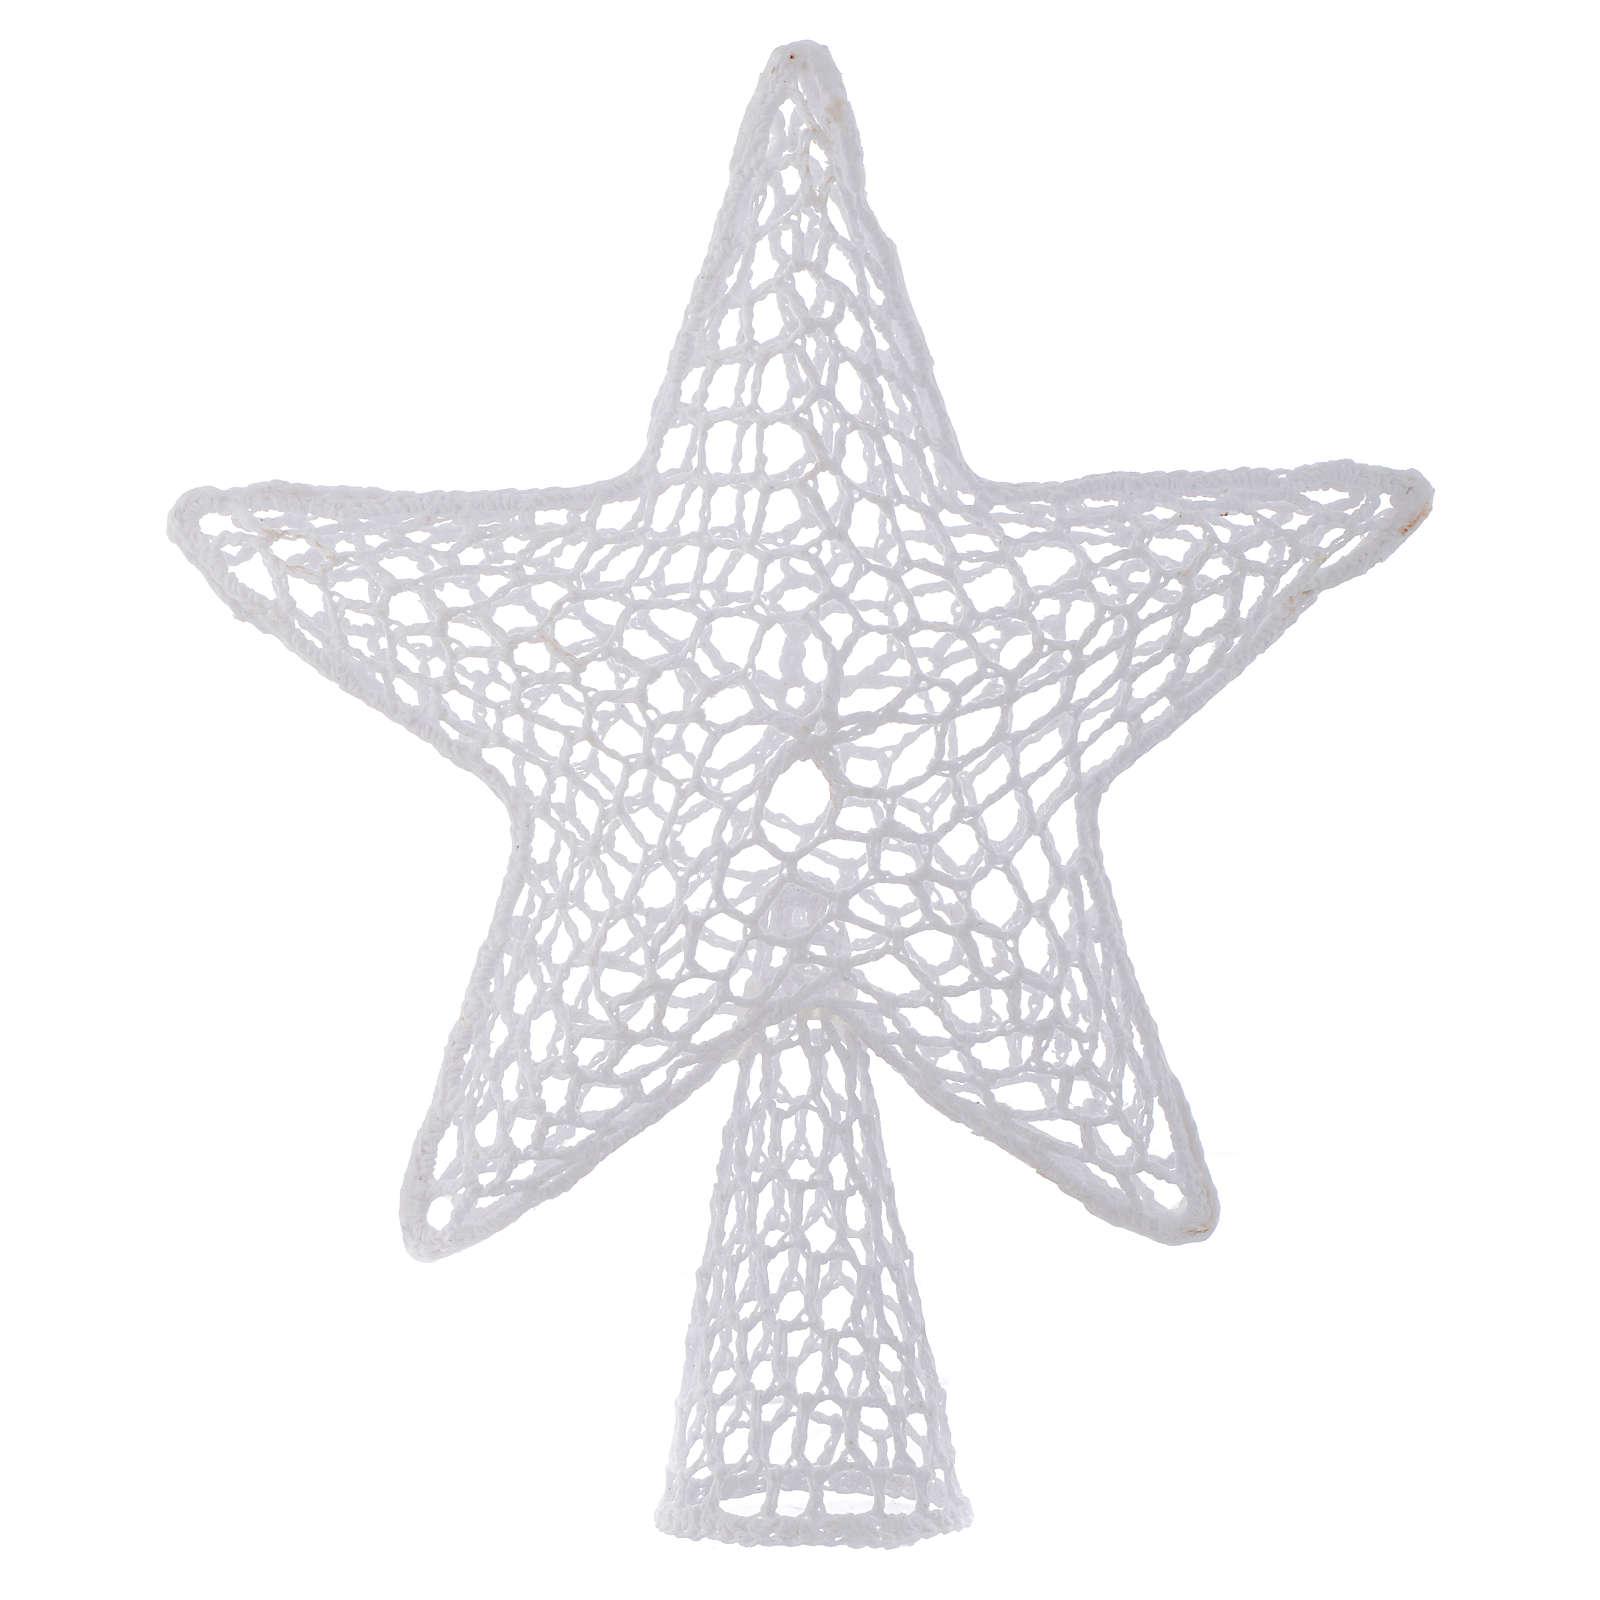 Punta Árbol de Navidad Estrella bordado blanco 4